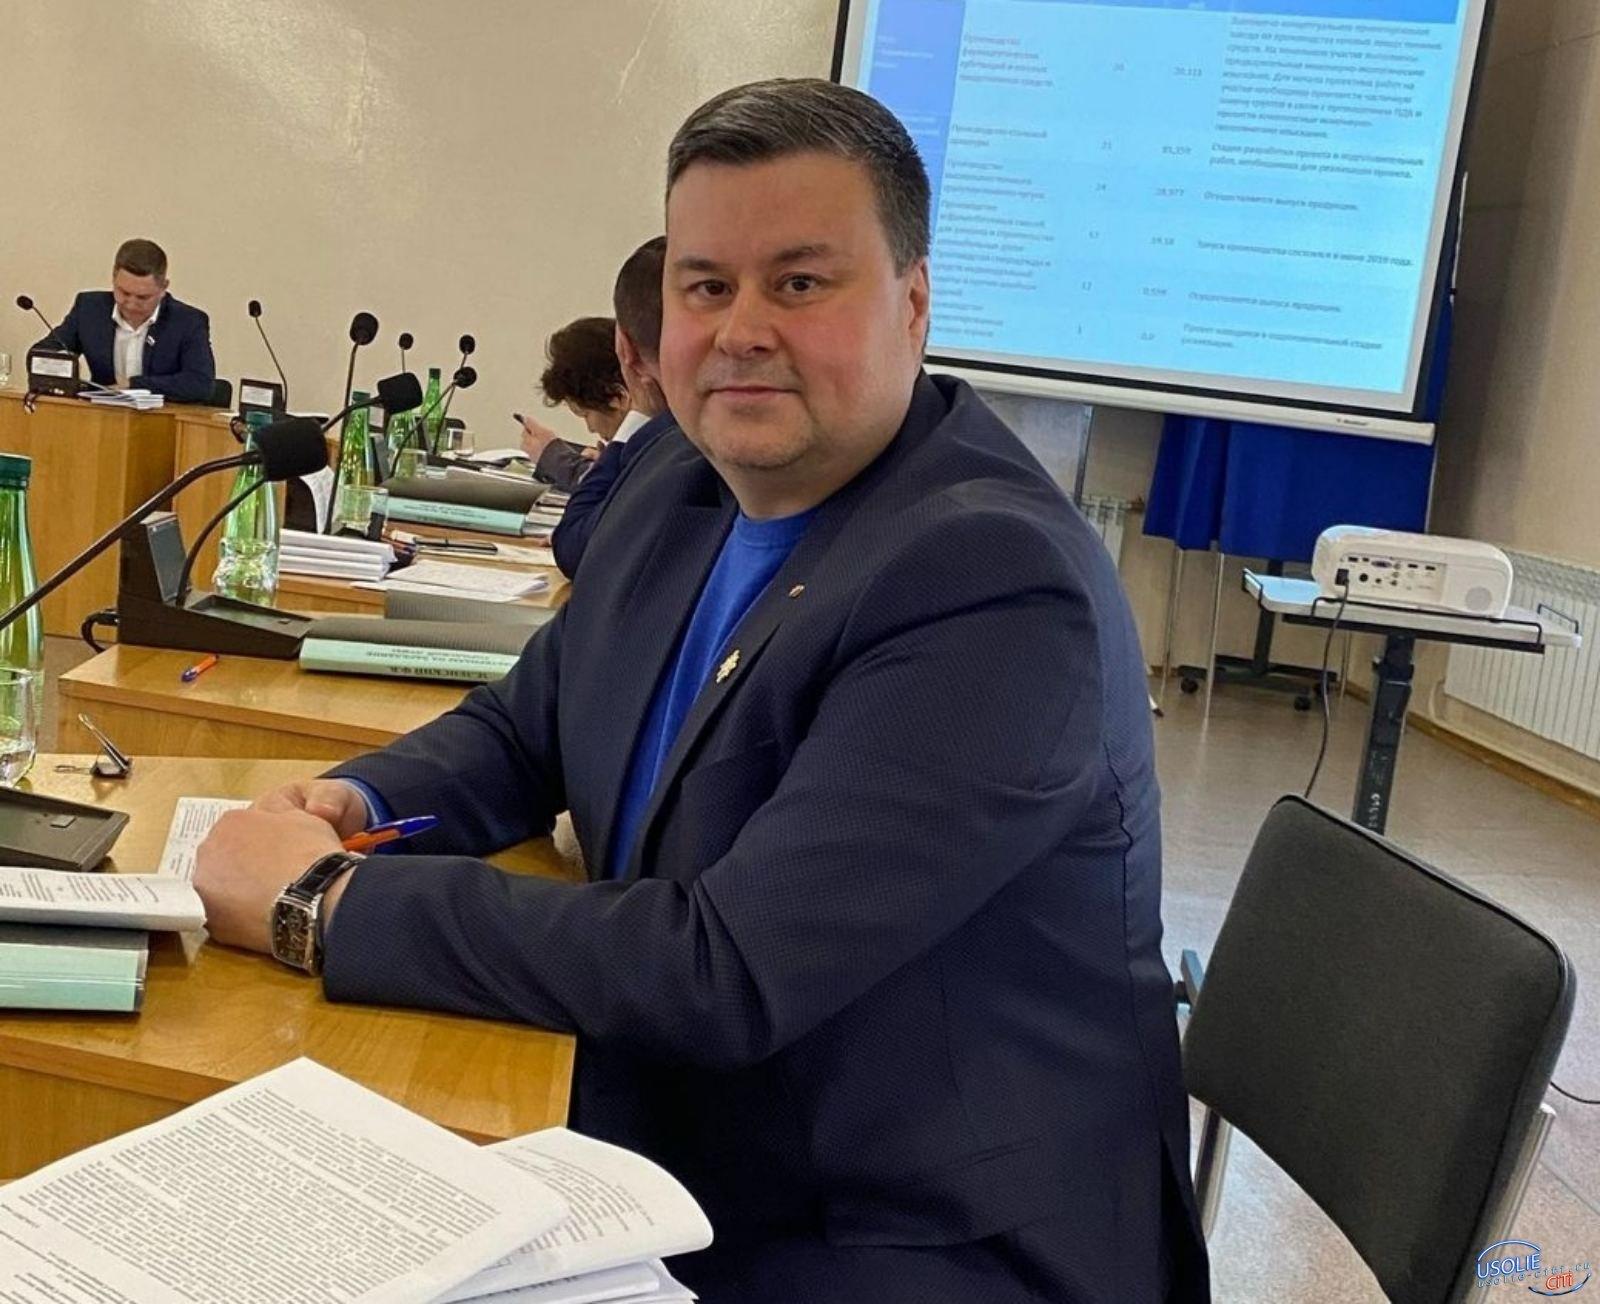 Кучаров добился: Школьникам Усолья повышены льготы за проезд